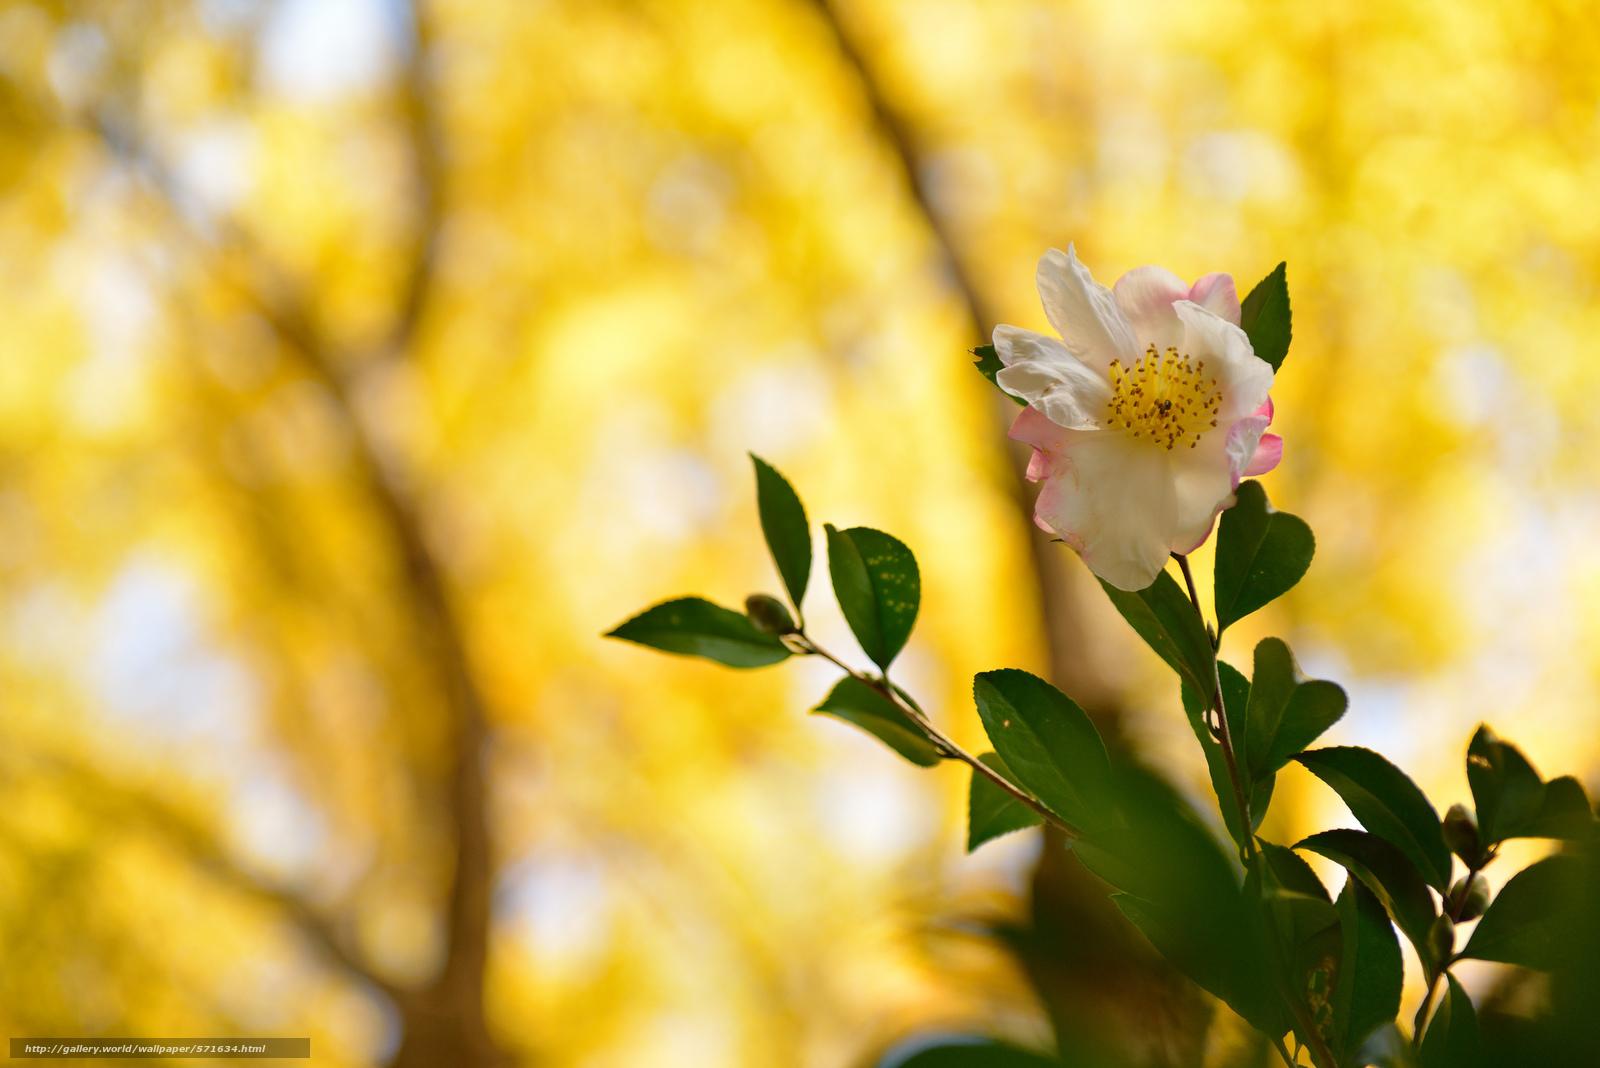 Скачать обои цветок,  фон,  ветки,  листья бесплатно для рабочего стола в разрешении 2048x1367 — картинка №571634